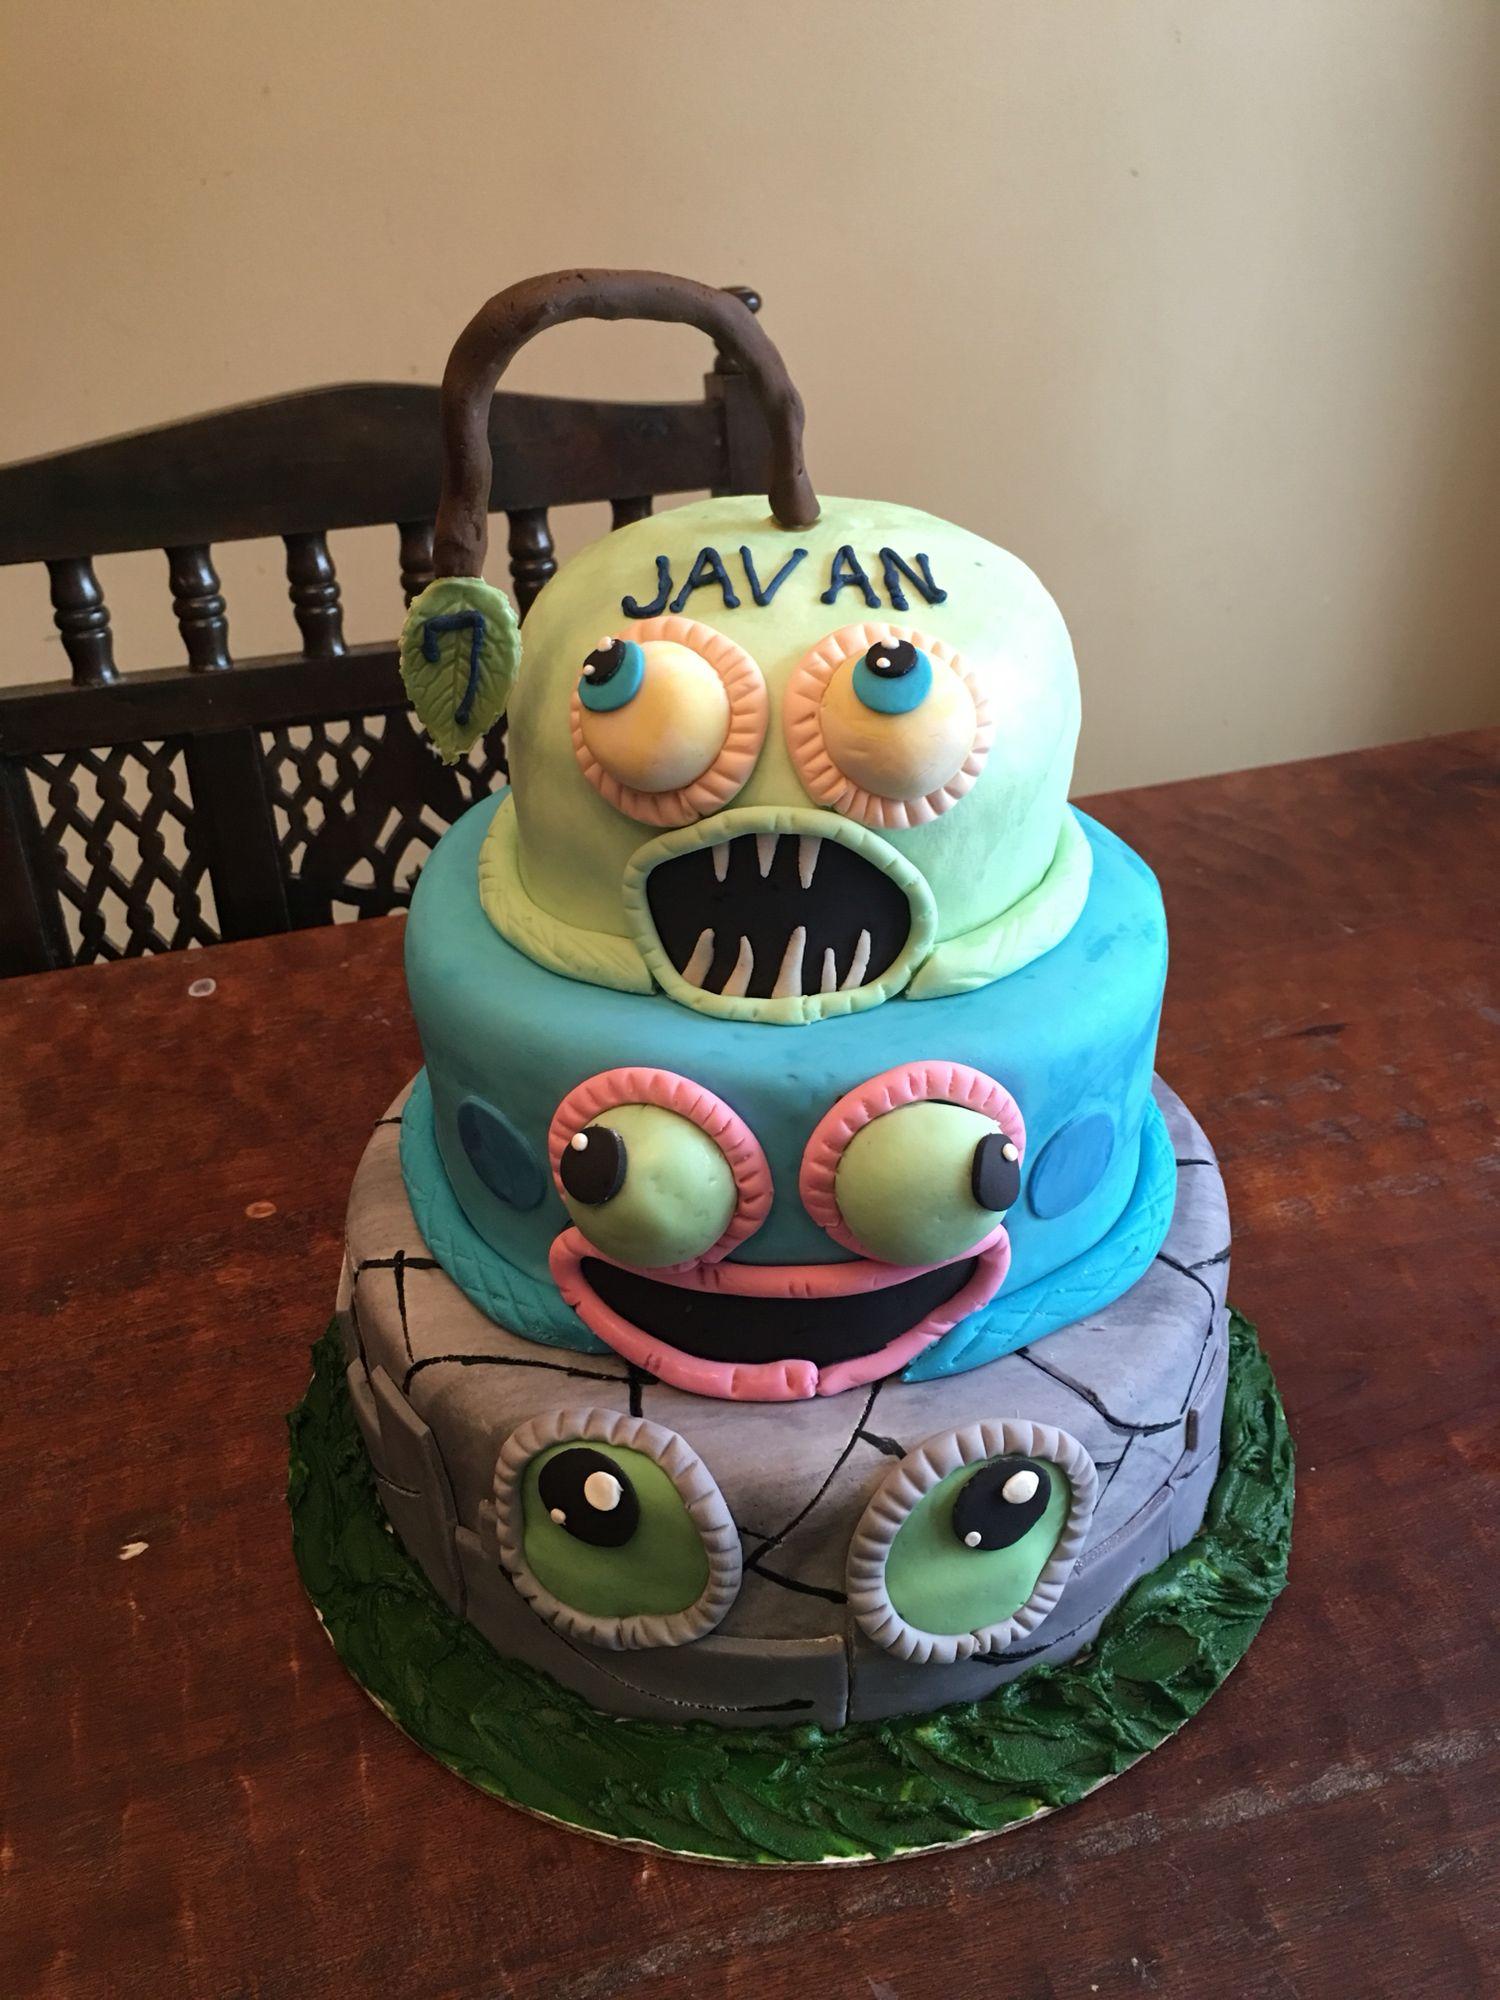 Javan S My Singing Monsters Cake Singing Monsters